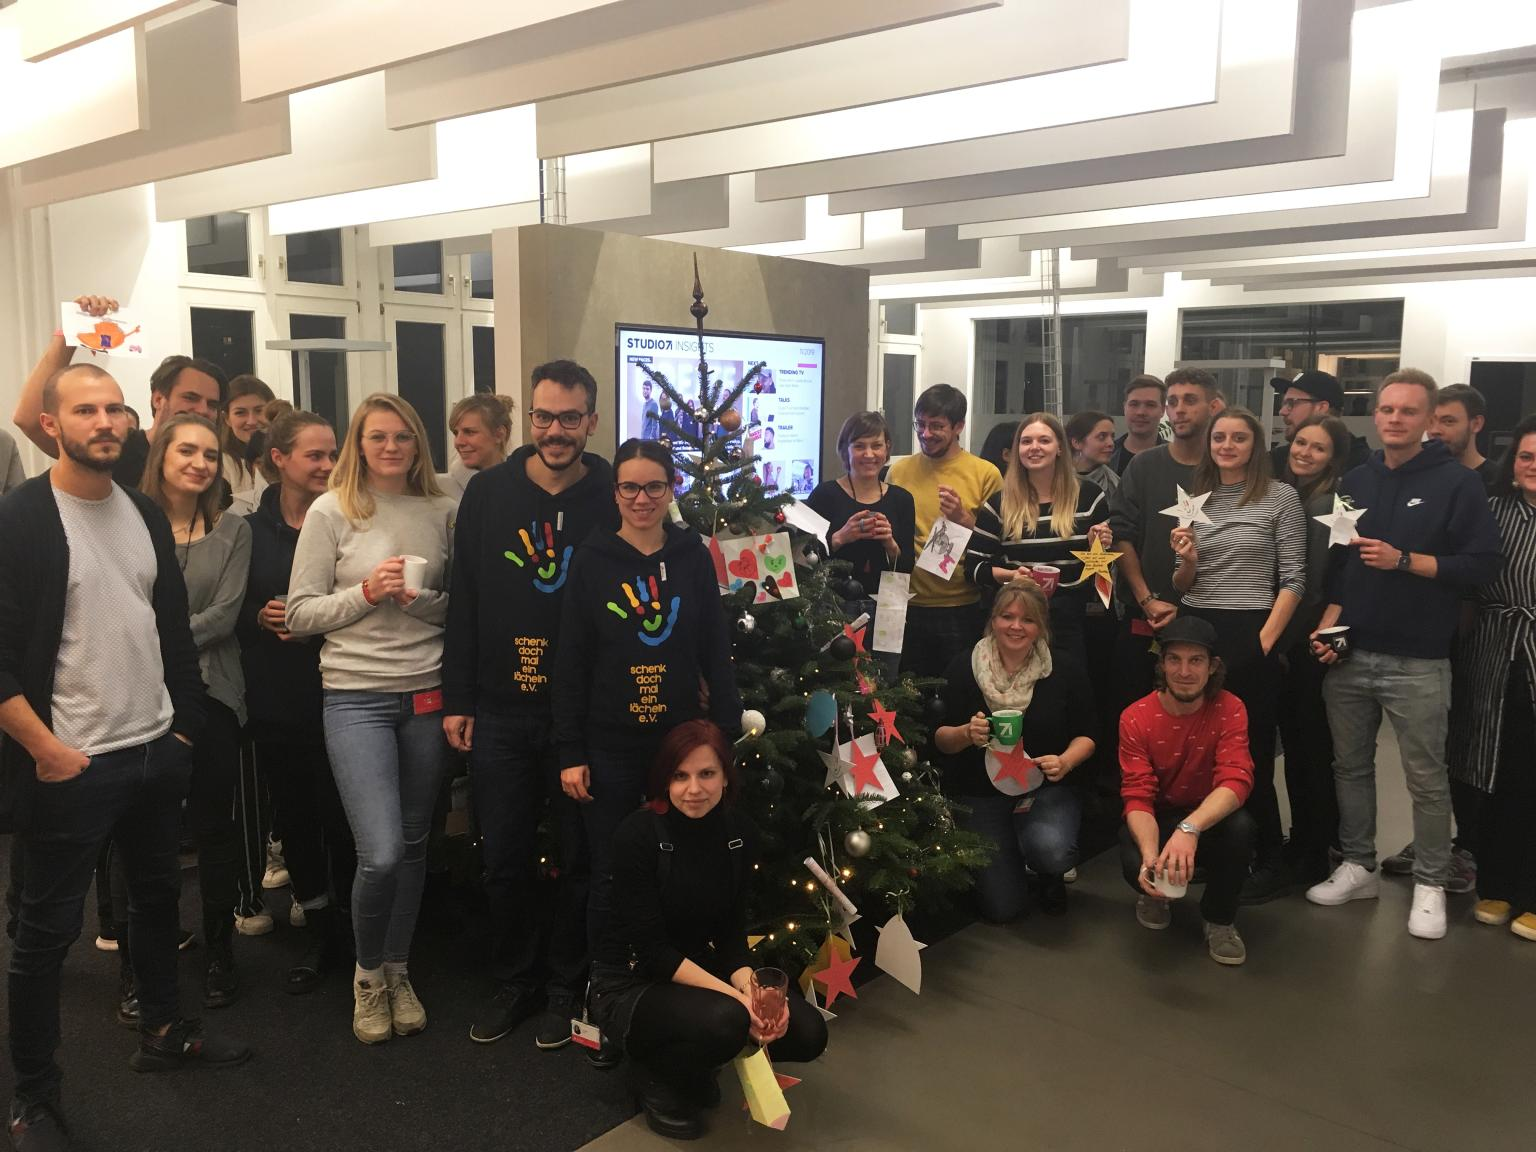 Wunschbaum-Aktion: Studio71 erfüllt Kindern Weihnachtswünsche